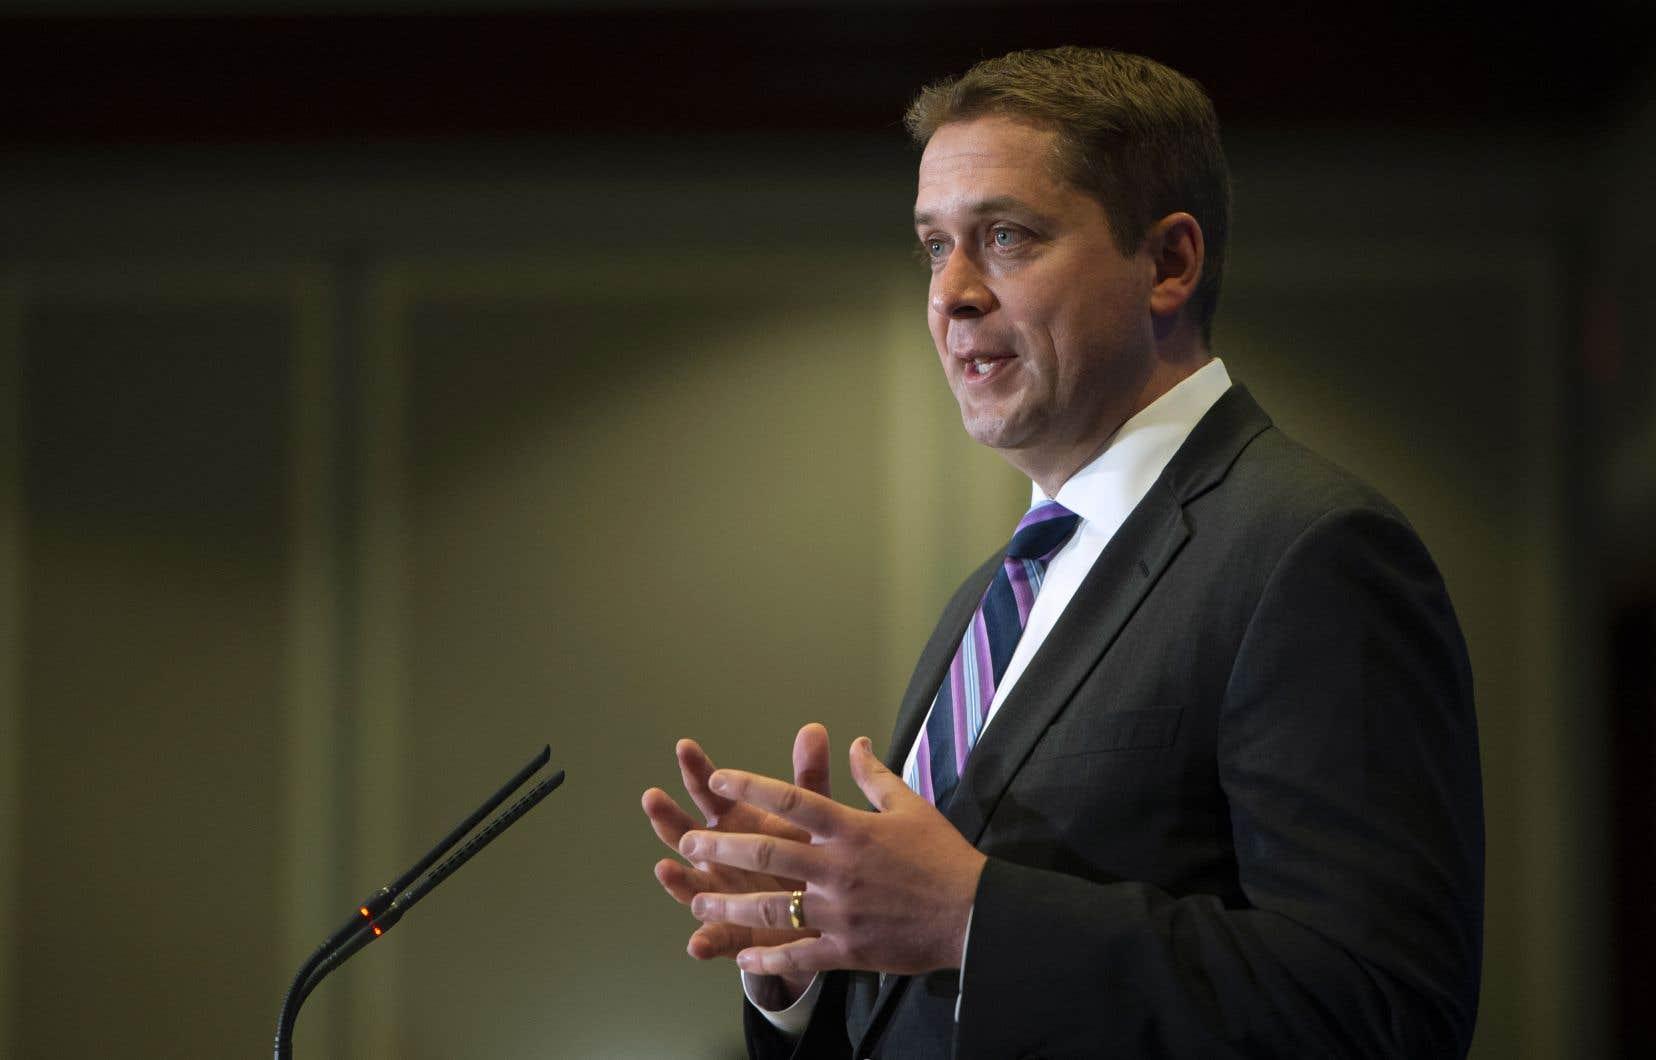 Le leadership d'Andrew Scheer est de plus en plus contesté dans les rangs conservateurs.